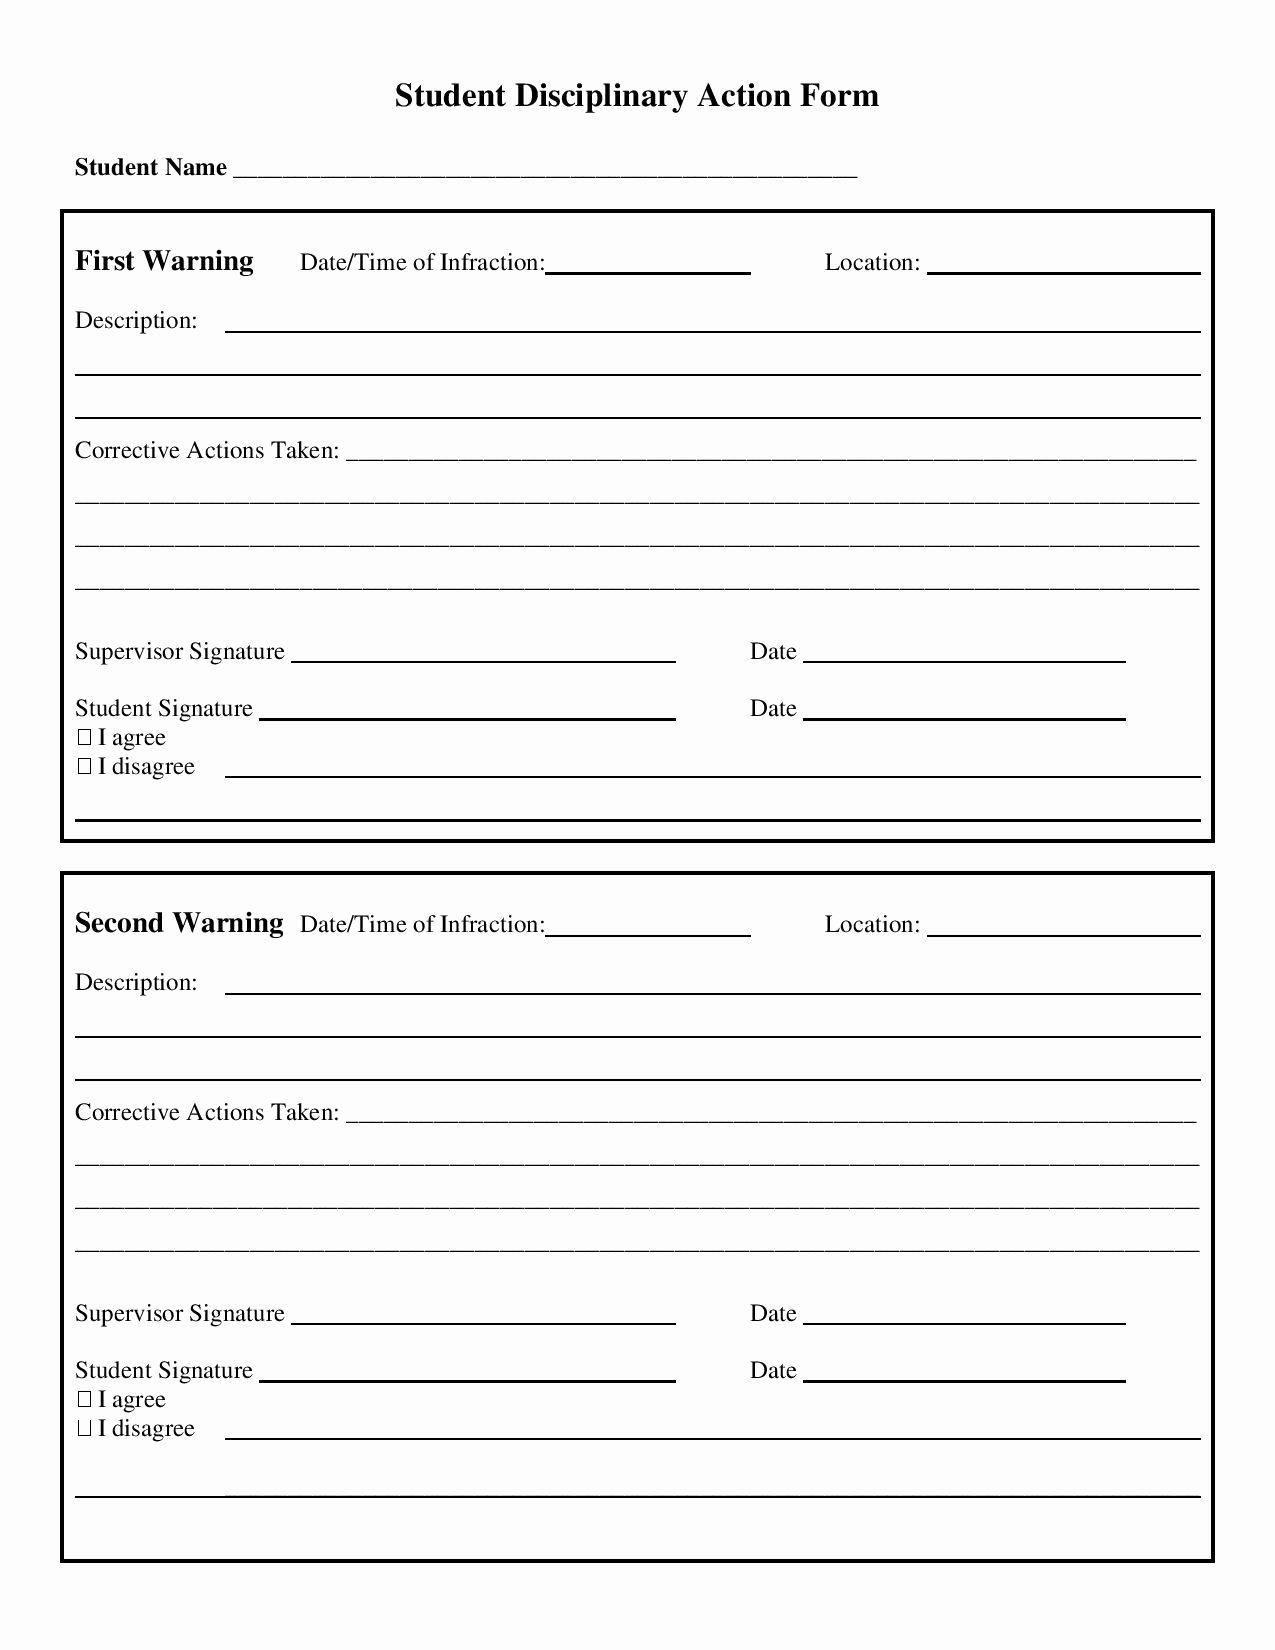 Progressive Discipline form Template Unique 30 Action form Templates